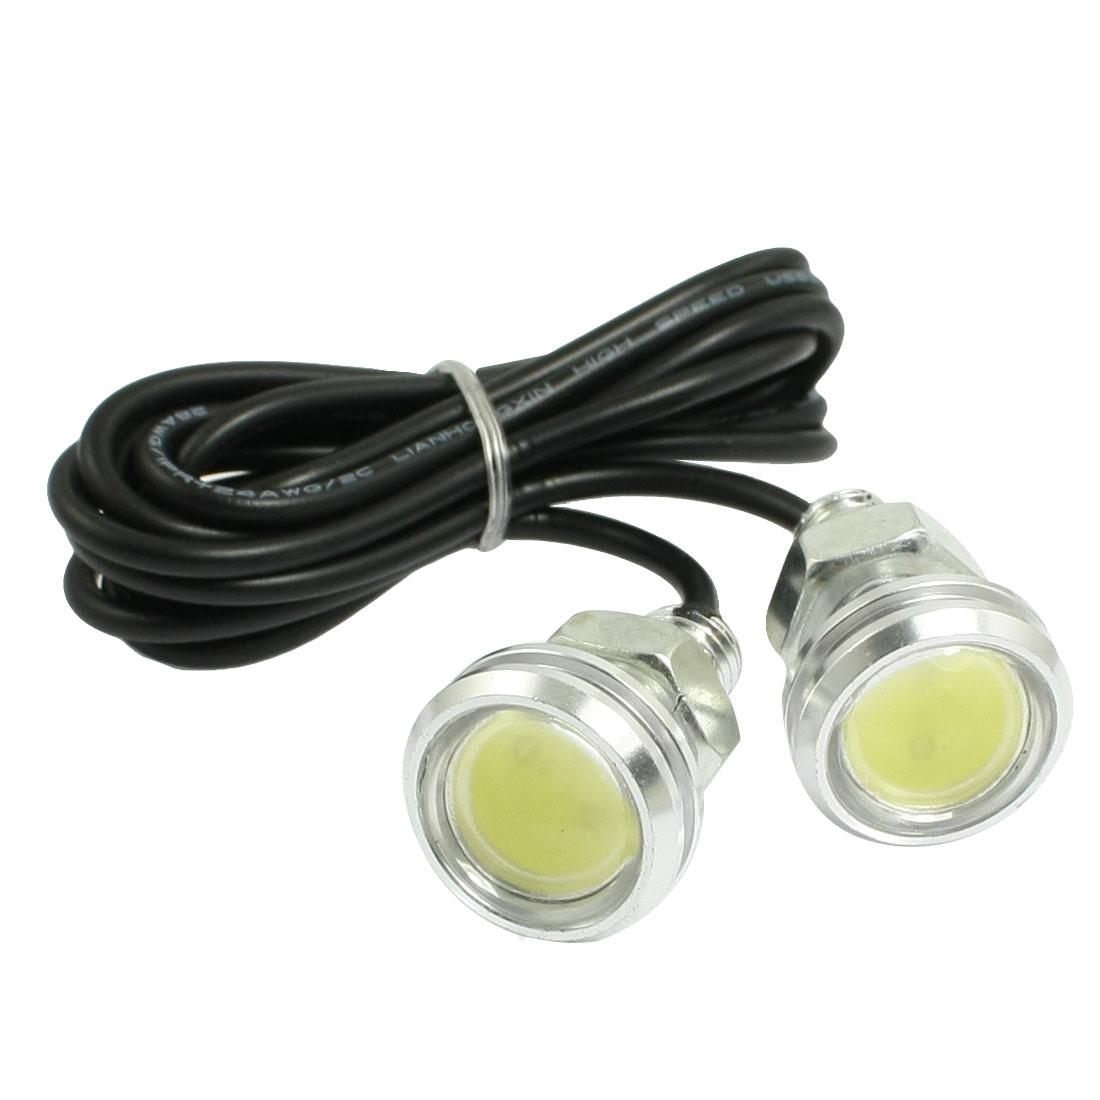 2 Pcs High Power 3W White LED Car DRL Daytime Running Back up Lights